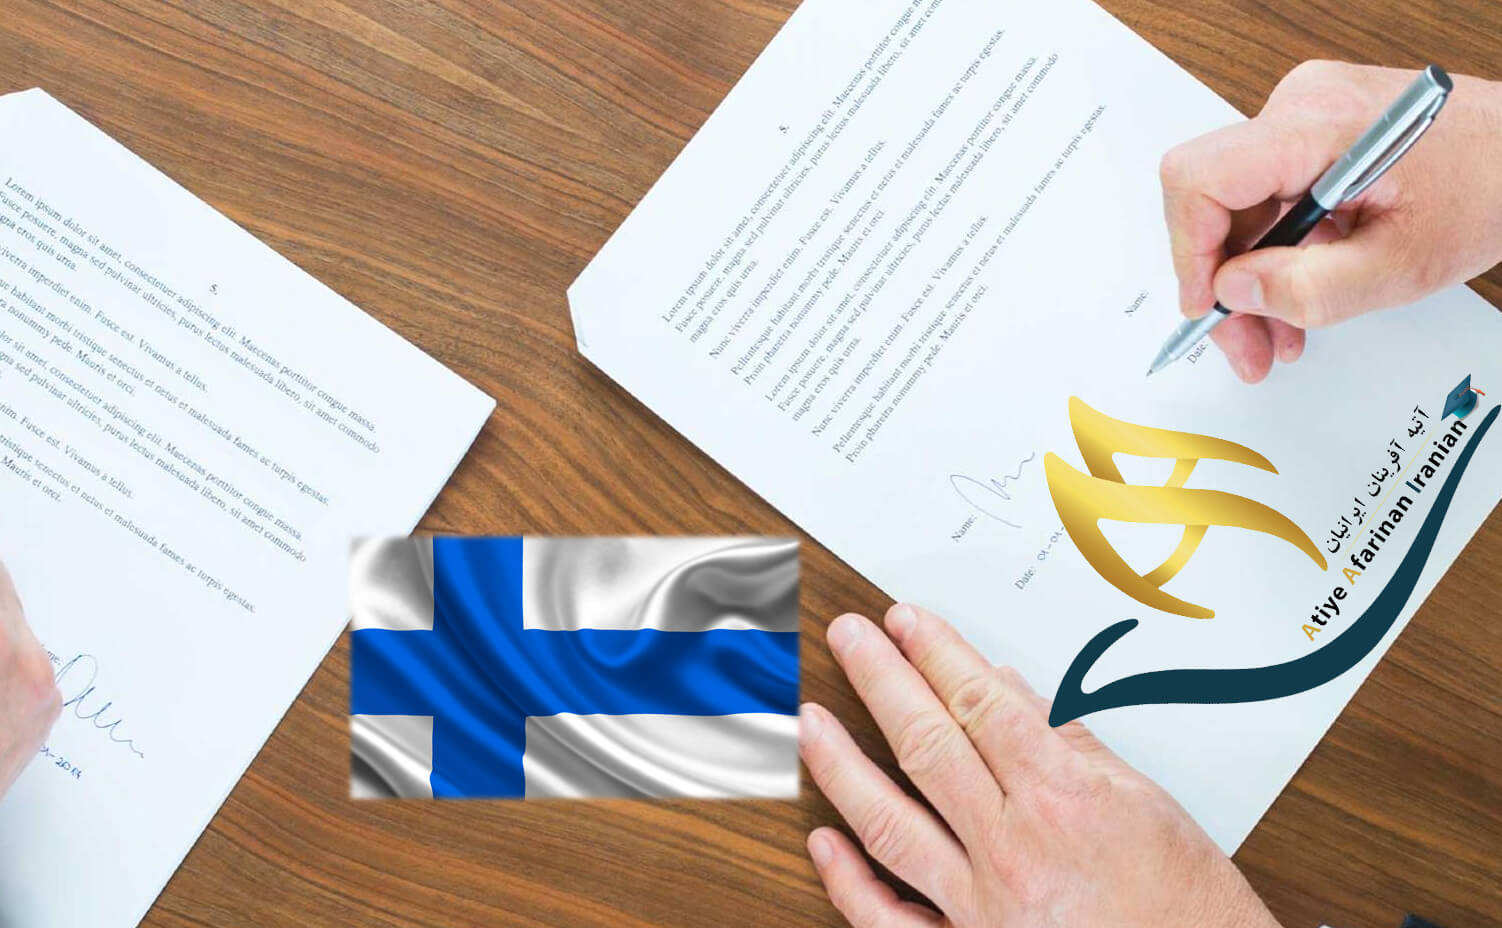 سرمایه گذاری در کشور فنلاند